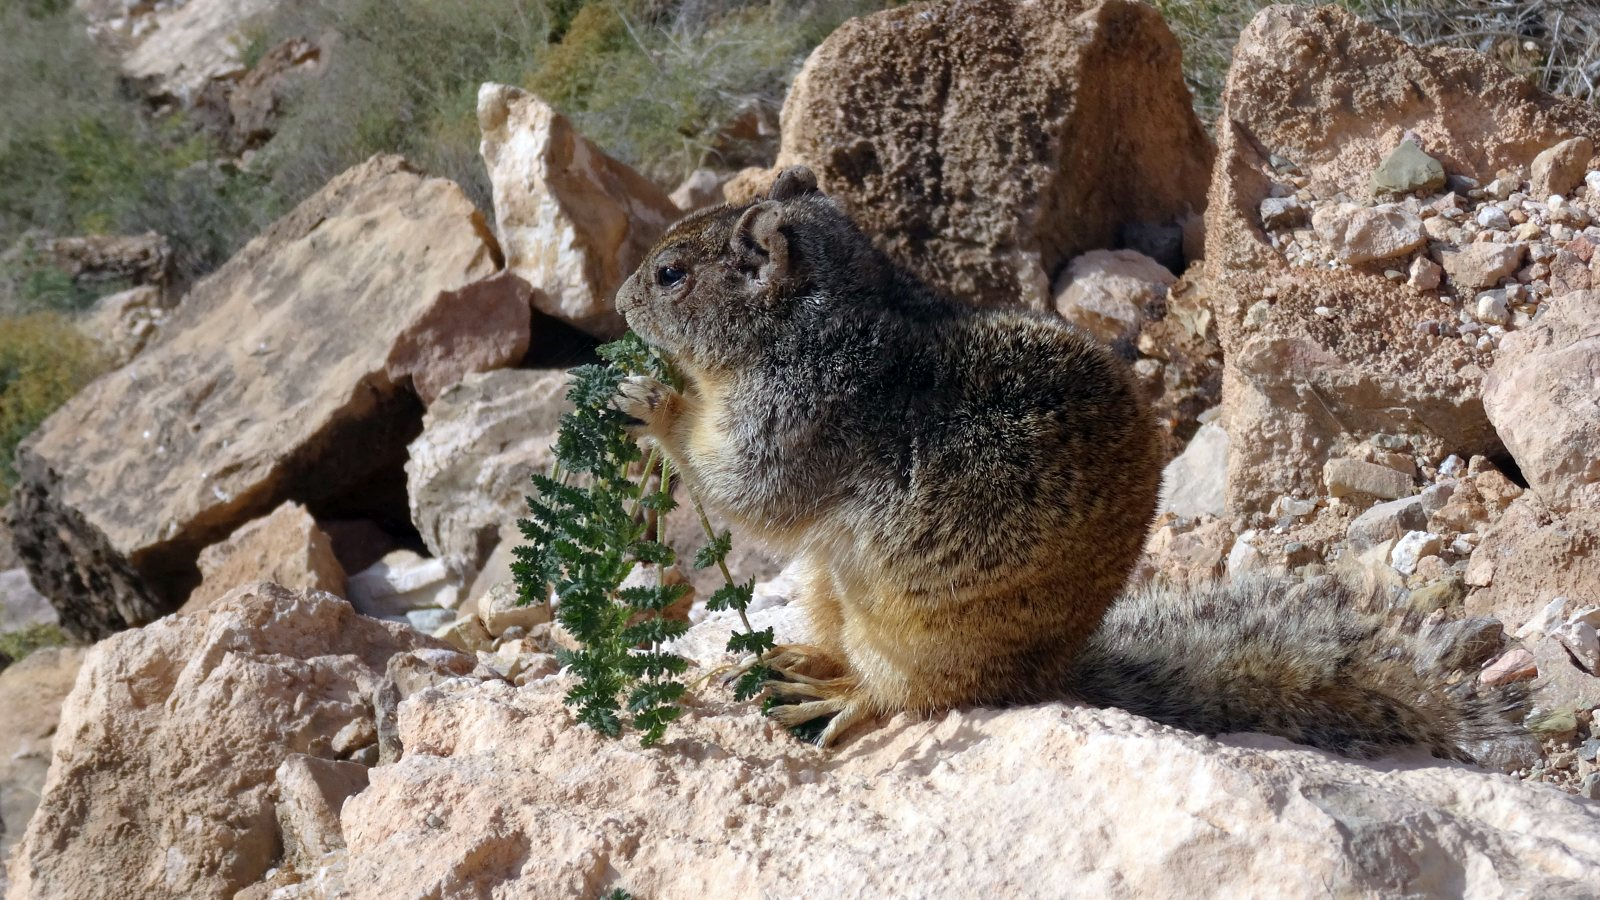 Rock Squirrel - Otospermophilus Variegatus